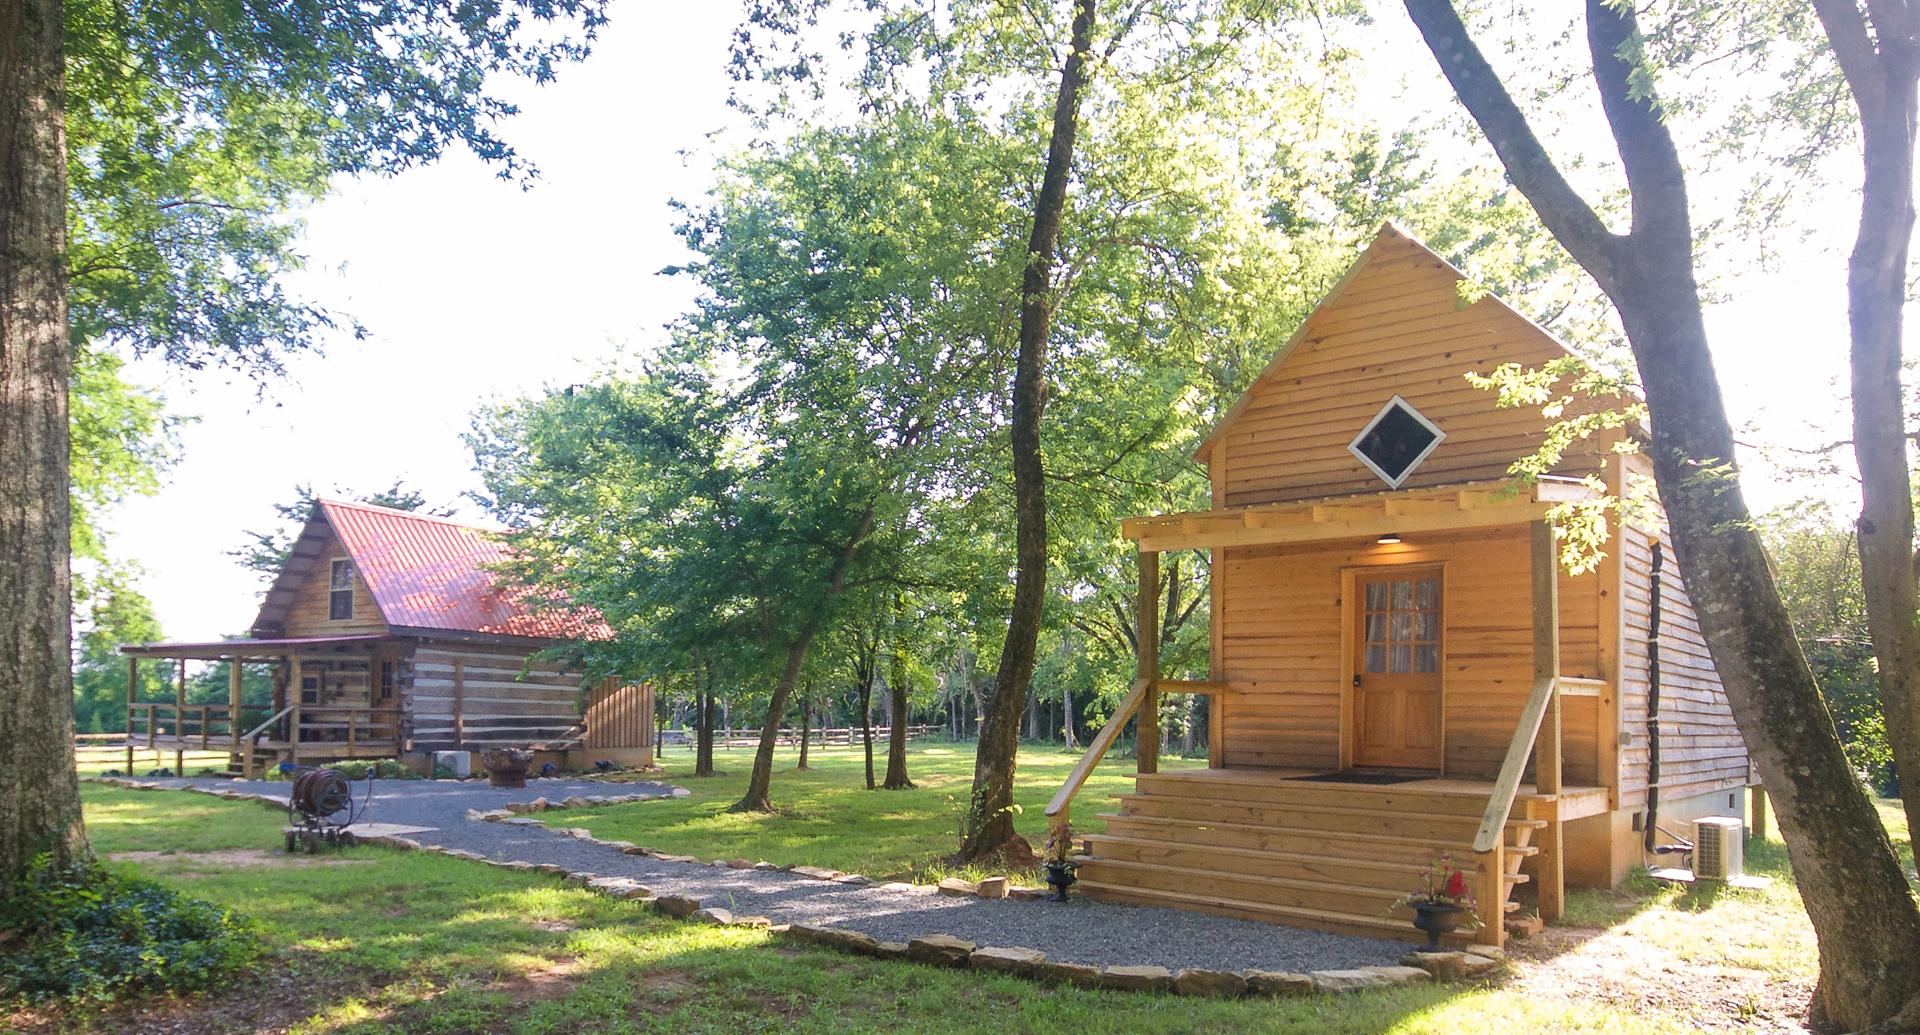 The Cabins at Springfield - Halifax VA